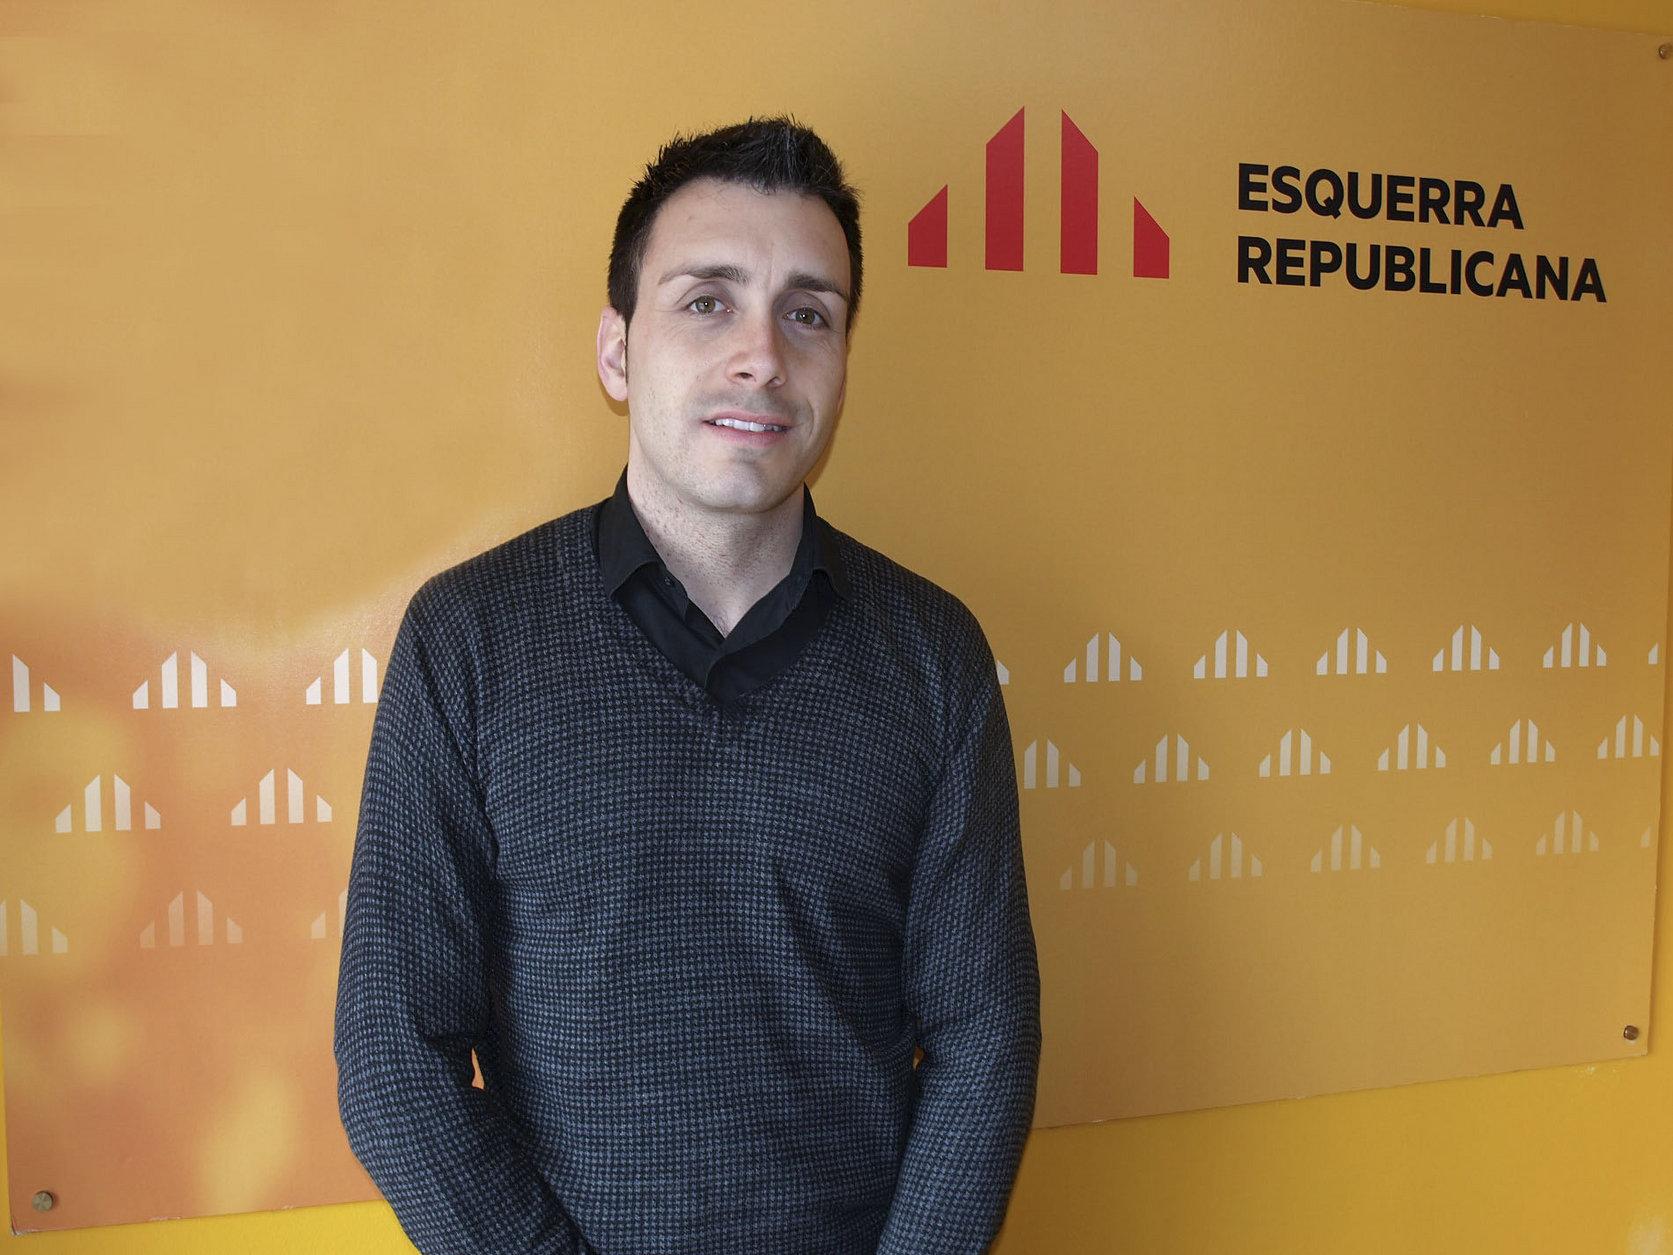 Sergi Albrich és també el portaveu dels republicans a Sant Joan